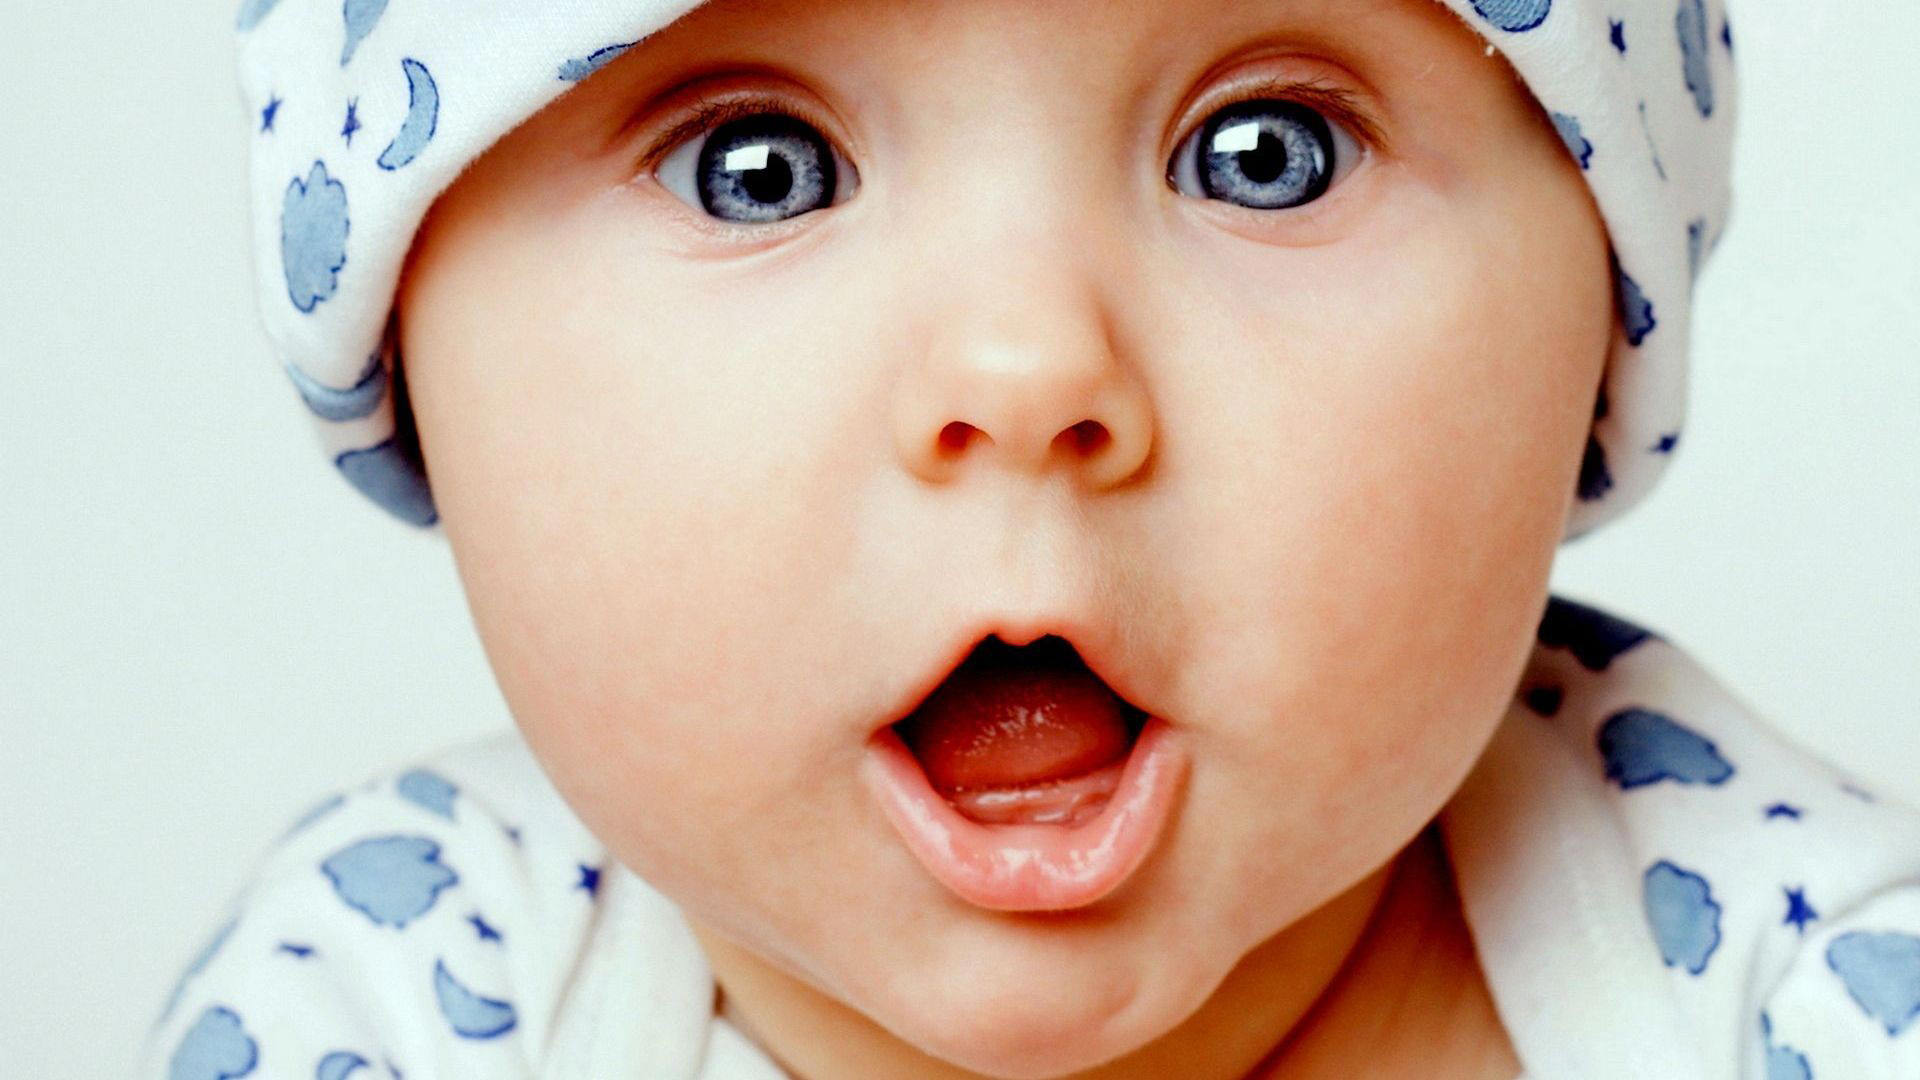 En güzel bebek fotoğrafları